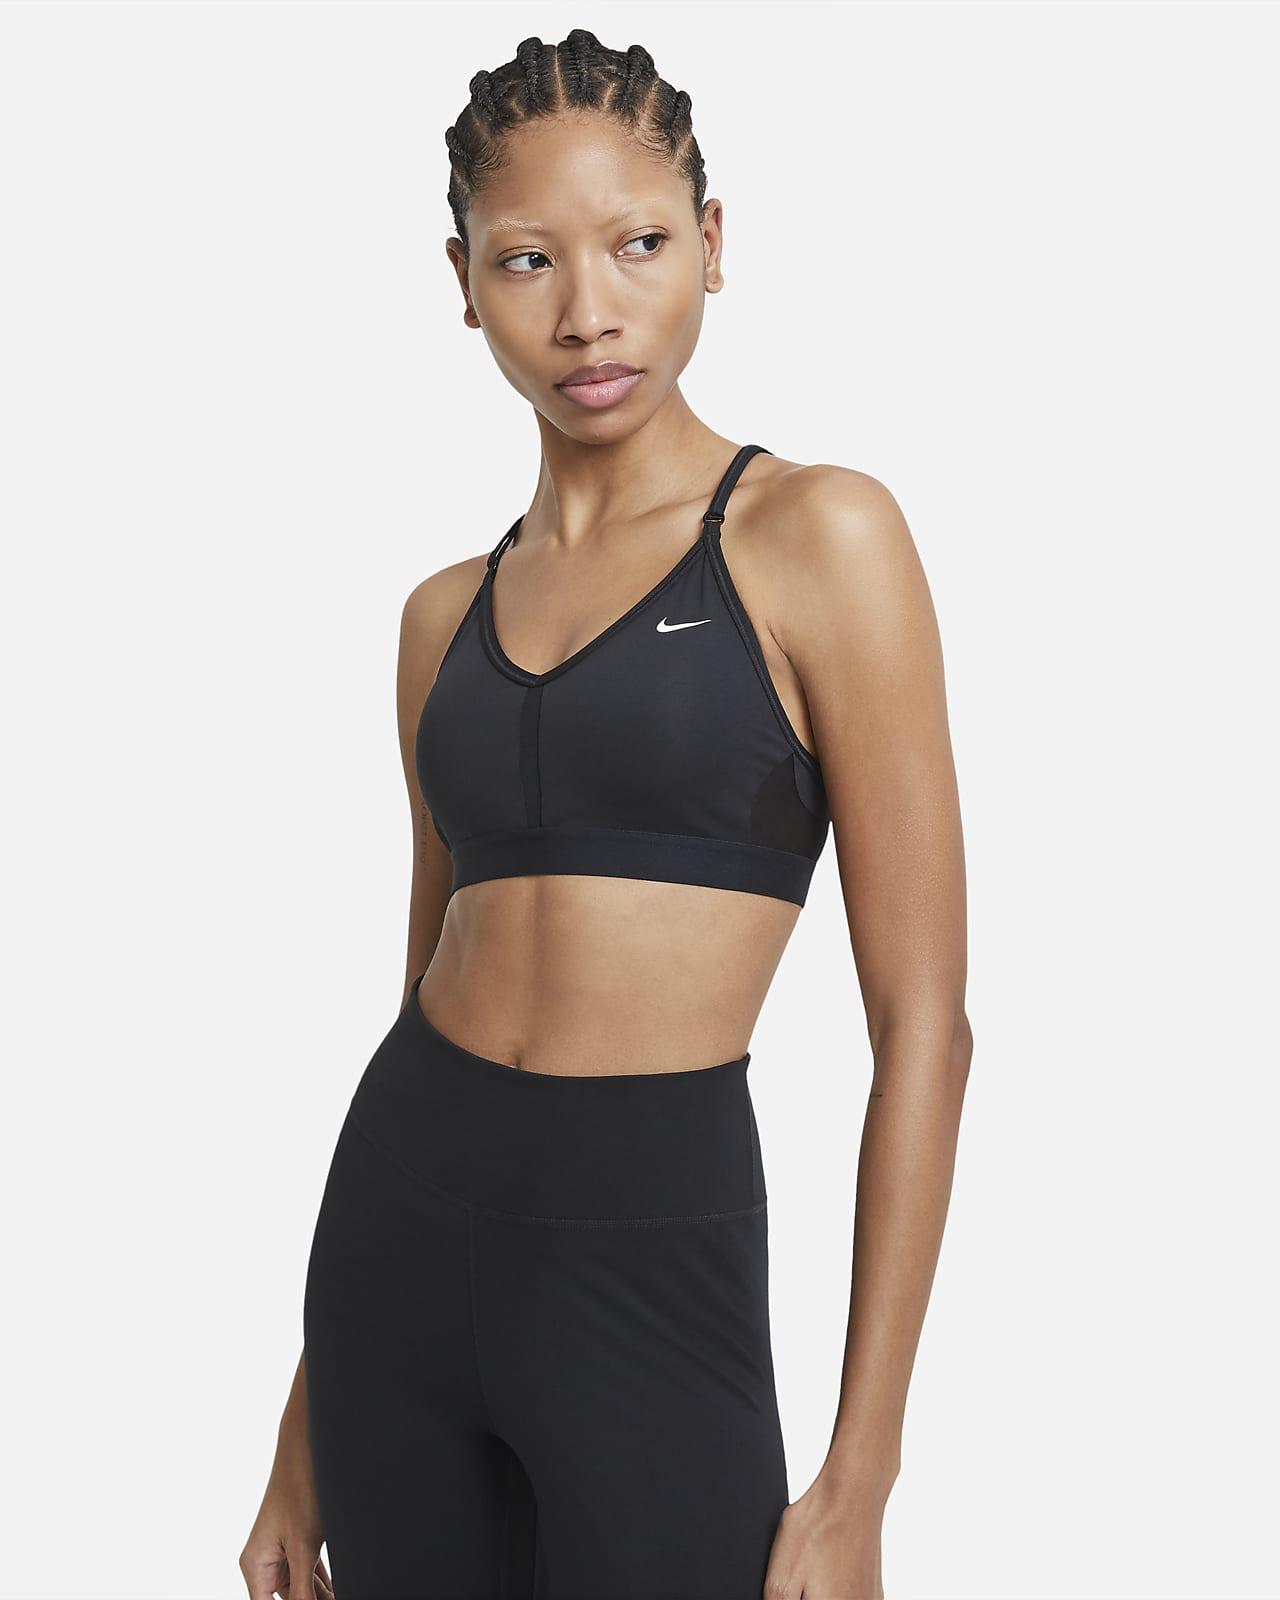 Damski stanik sportowy z dekoltem w kształcie litery V i wkładkami zapewniający lekkie wsparcie Nike Dri-FIT Indy